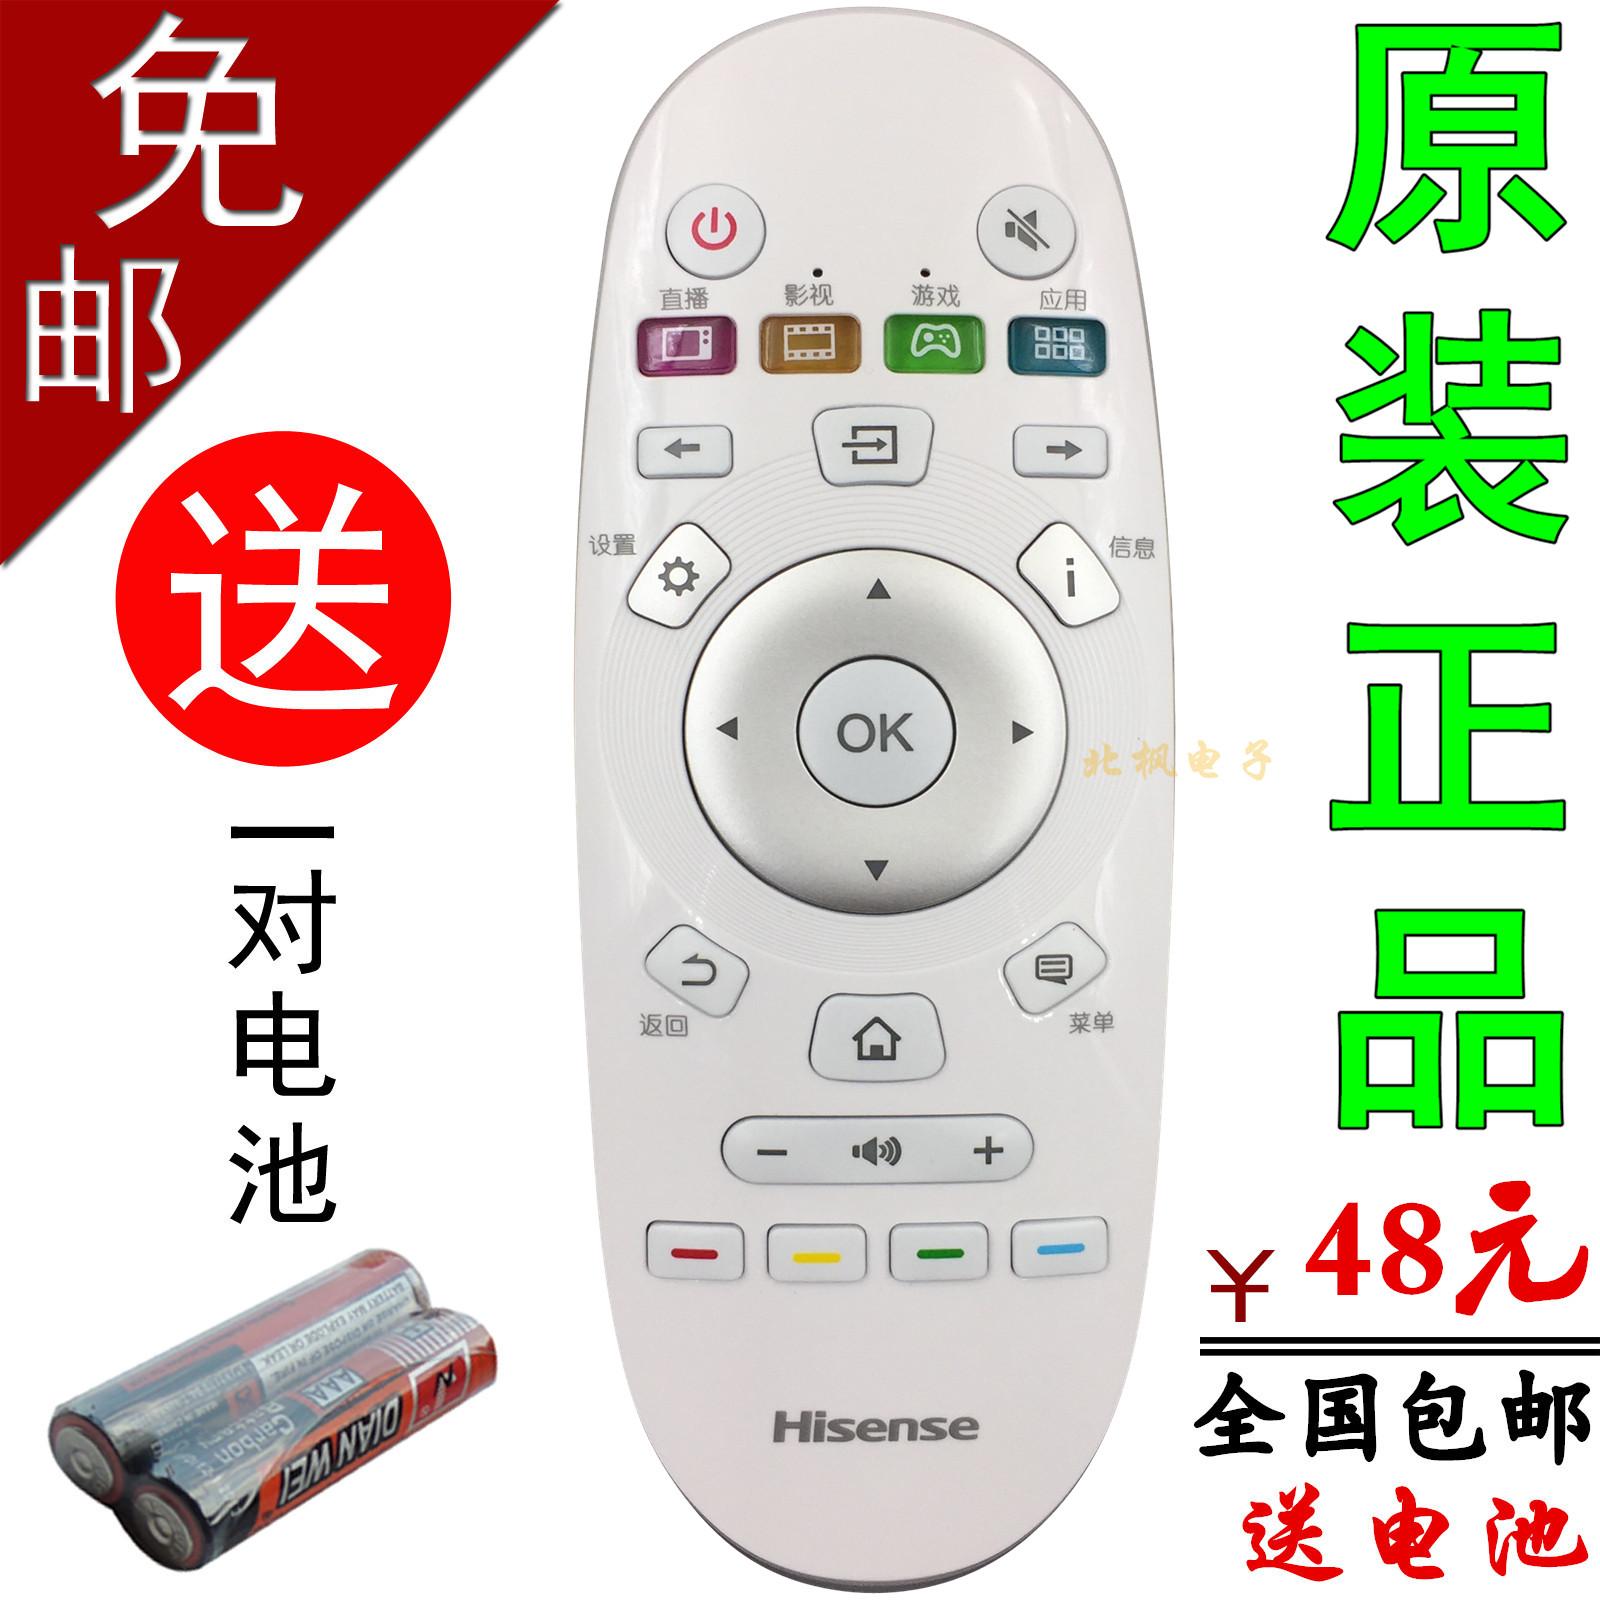 海信电视k5500us